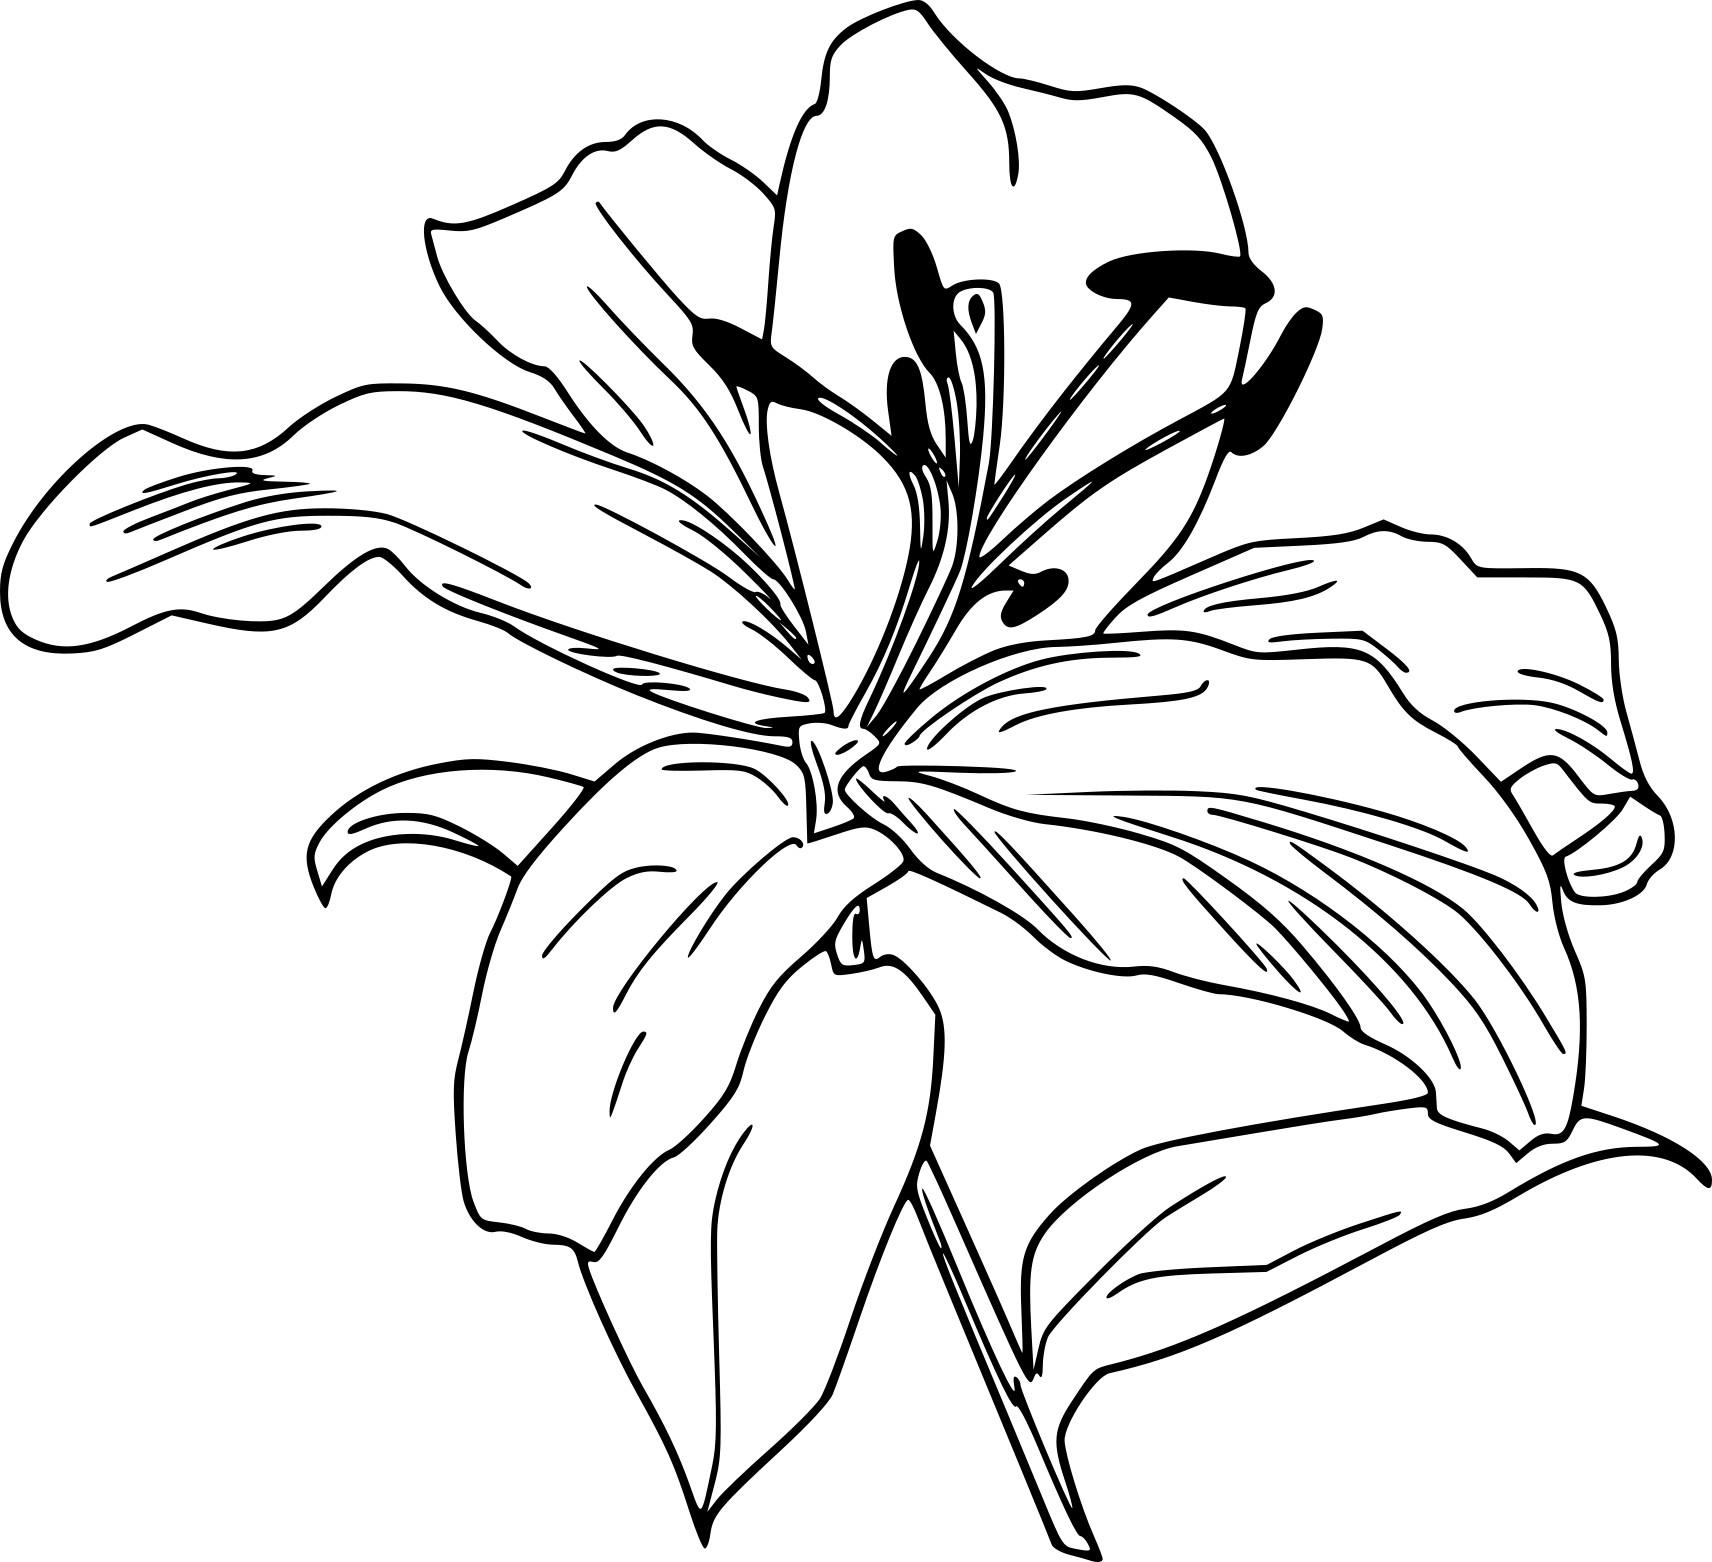 Coloriage lys imprimer sur coloriages info - Coloriage fleur de lys ...